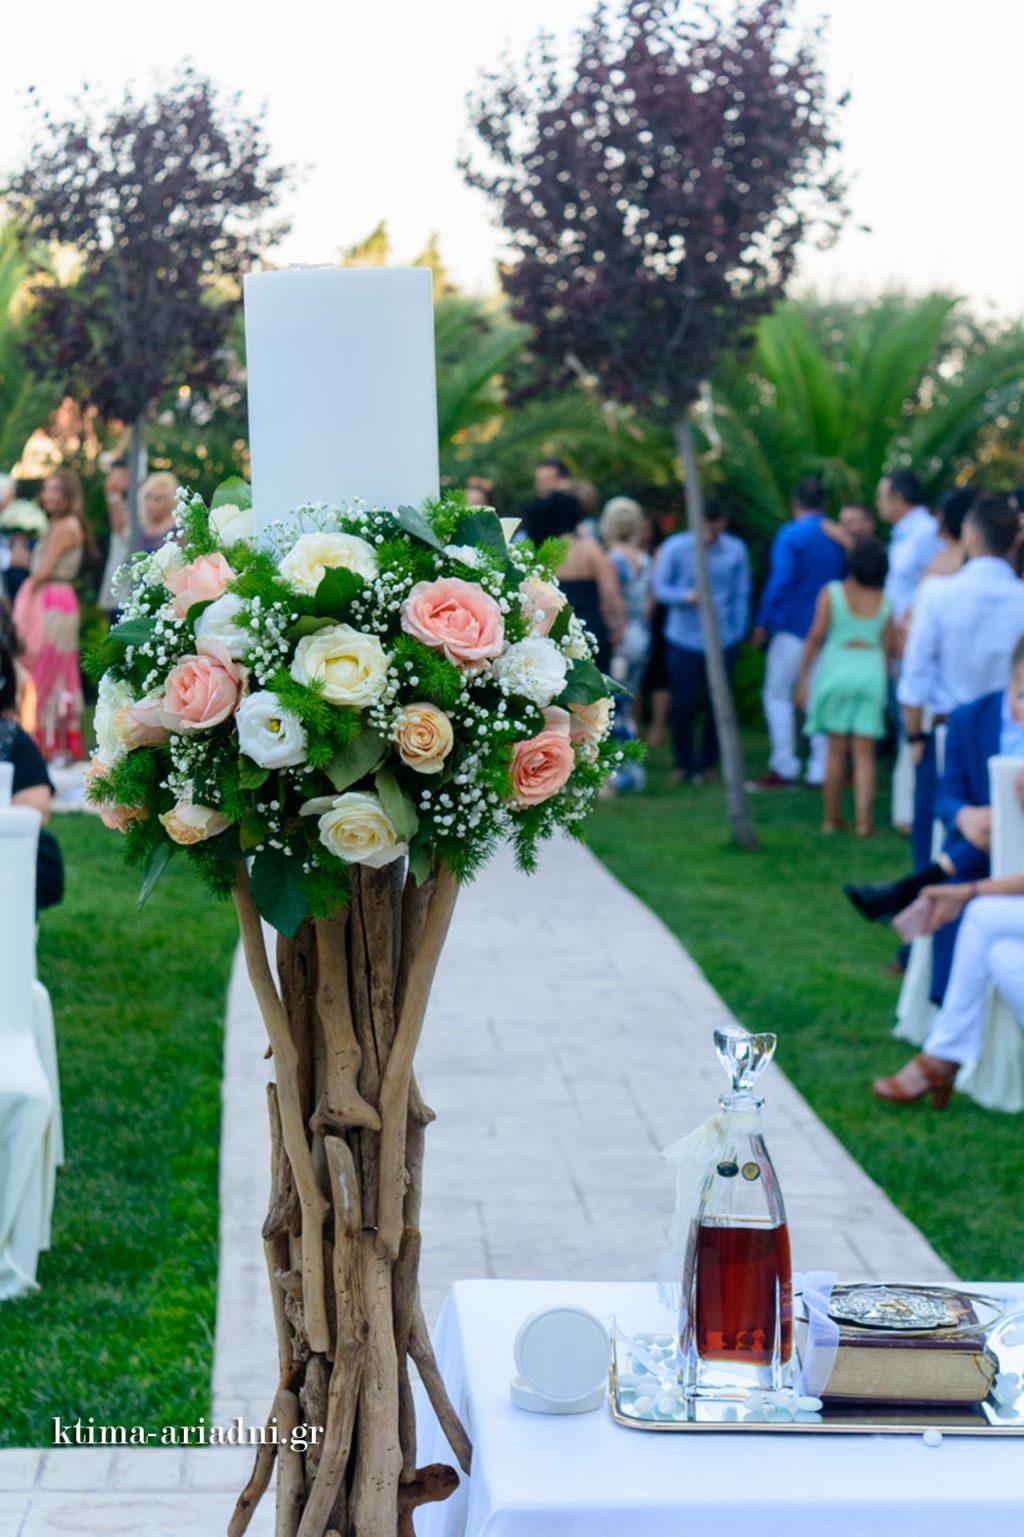 Οι καλεσμένοι αναμένουν την άφιξη της νύφης